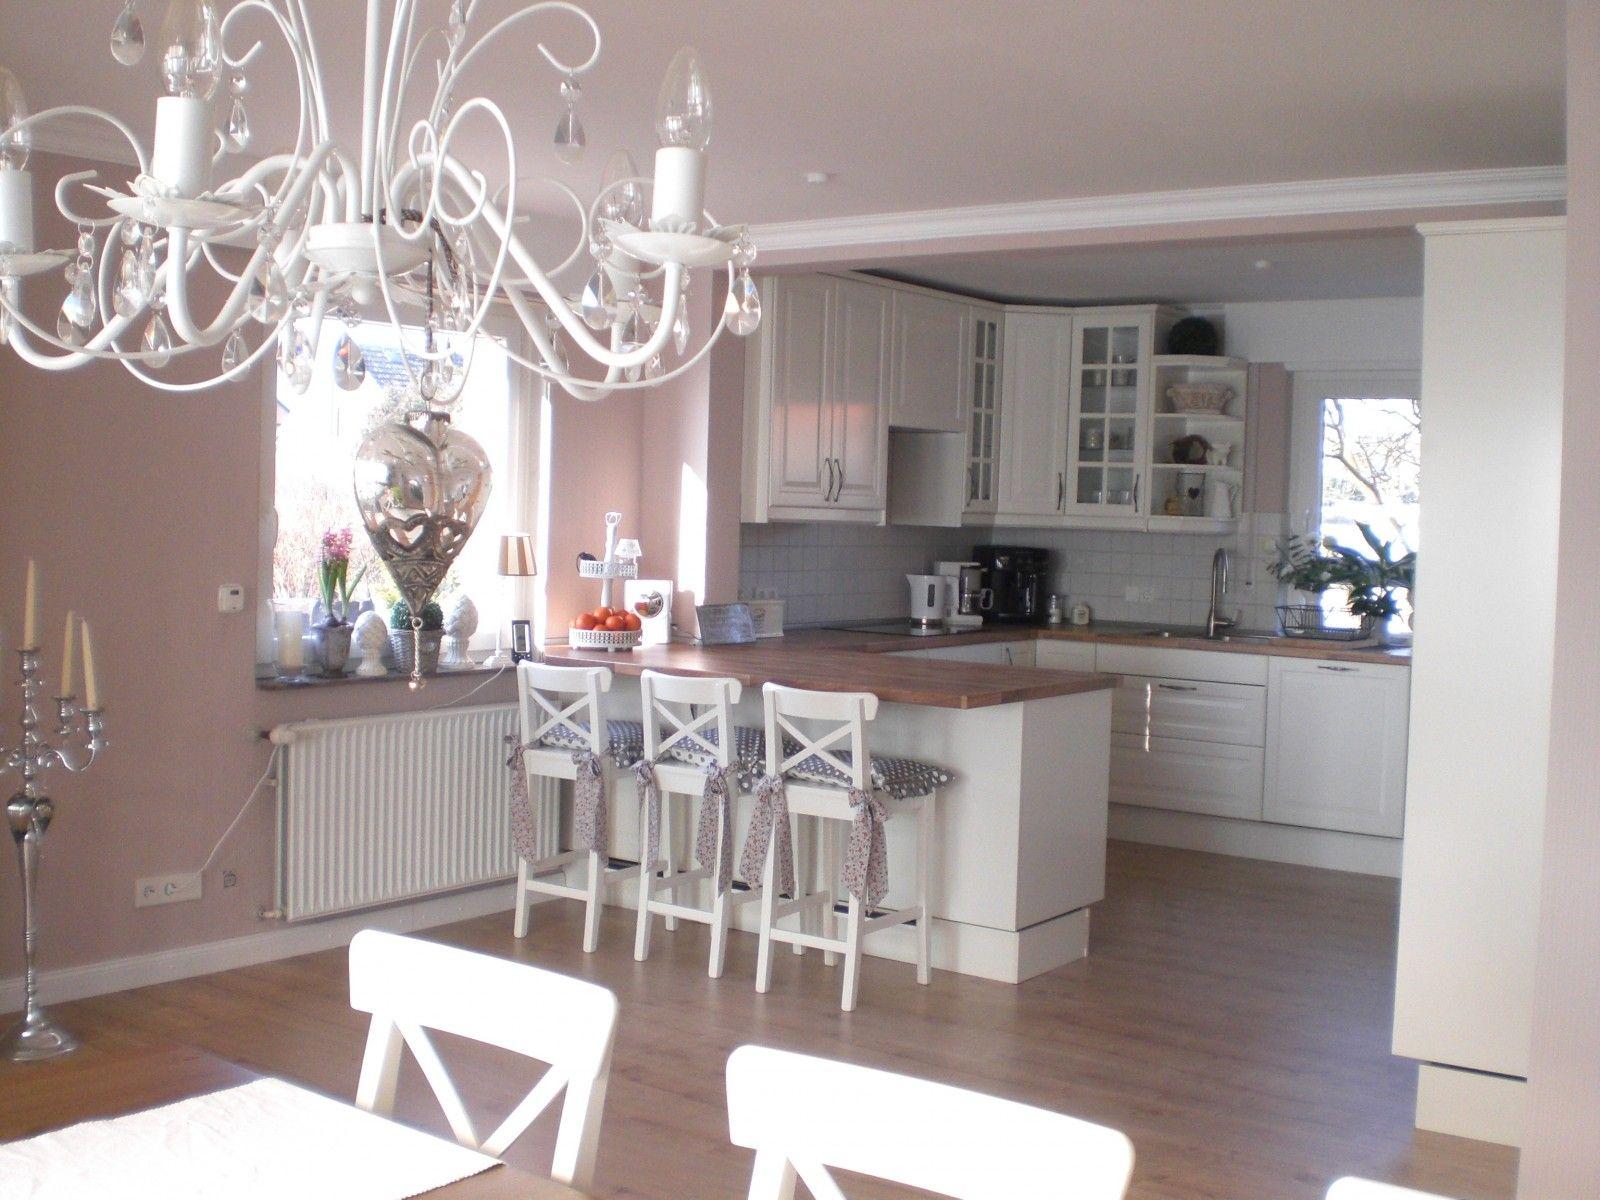 Aus ideen für die küche küche ukücheu  home decor  pinterest  küche wohnen und einrichtung